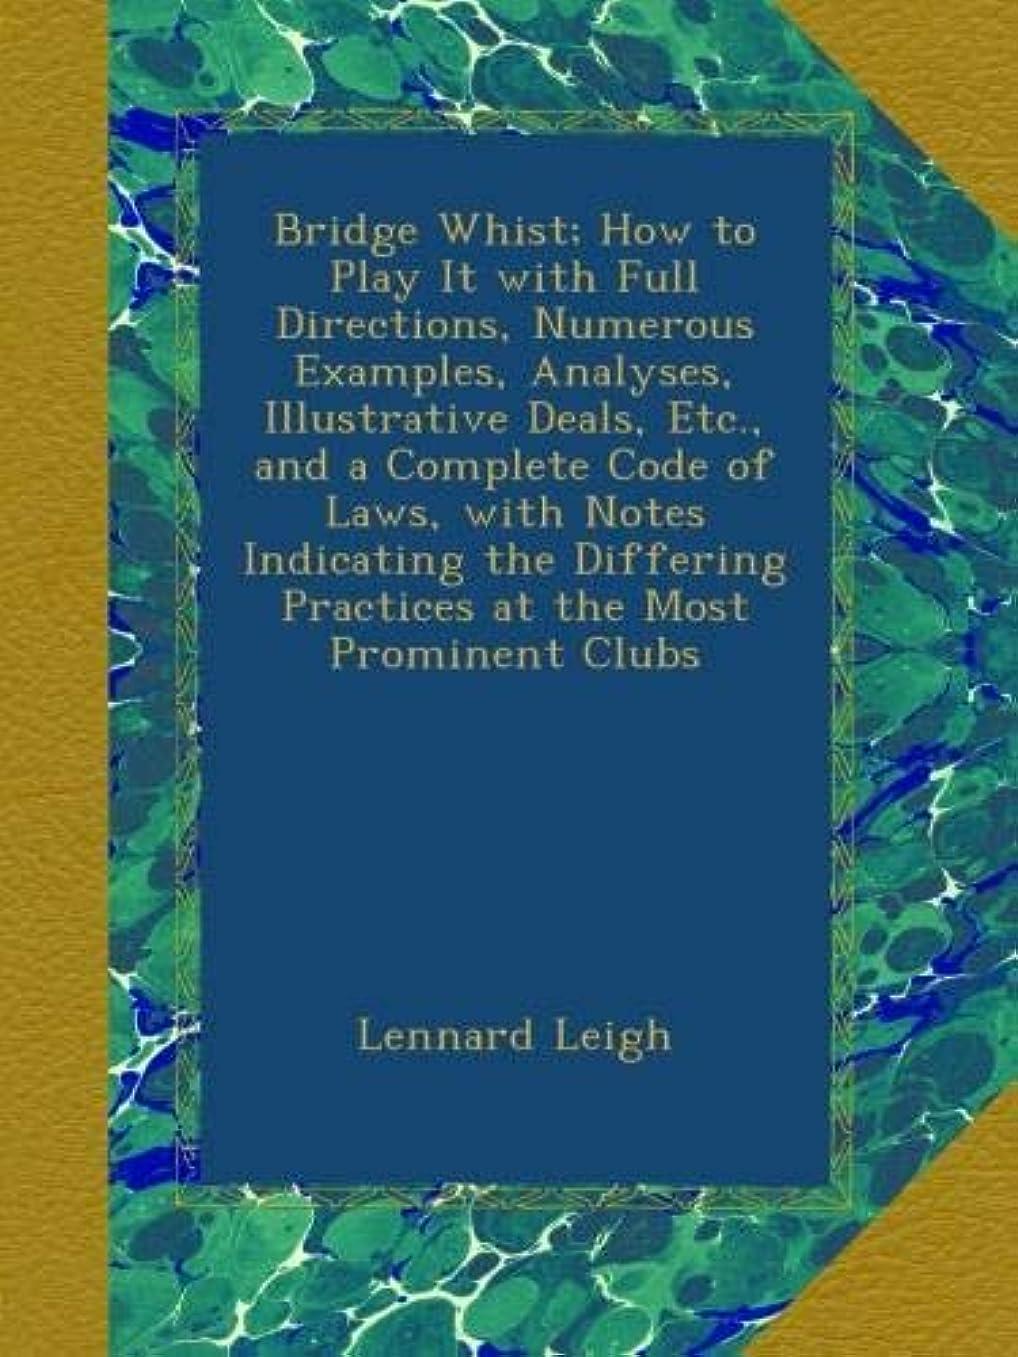 敗北素晴らしい良い多くのナインへBridge Whist; How to Play It with Full Directions, Numerous Examples, Analyses, Illustrative Deals, Etc., and a Complete Code of Laws, with Notes Indicating the Differing Practices at the Most Prominent Clubs